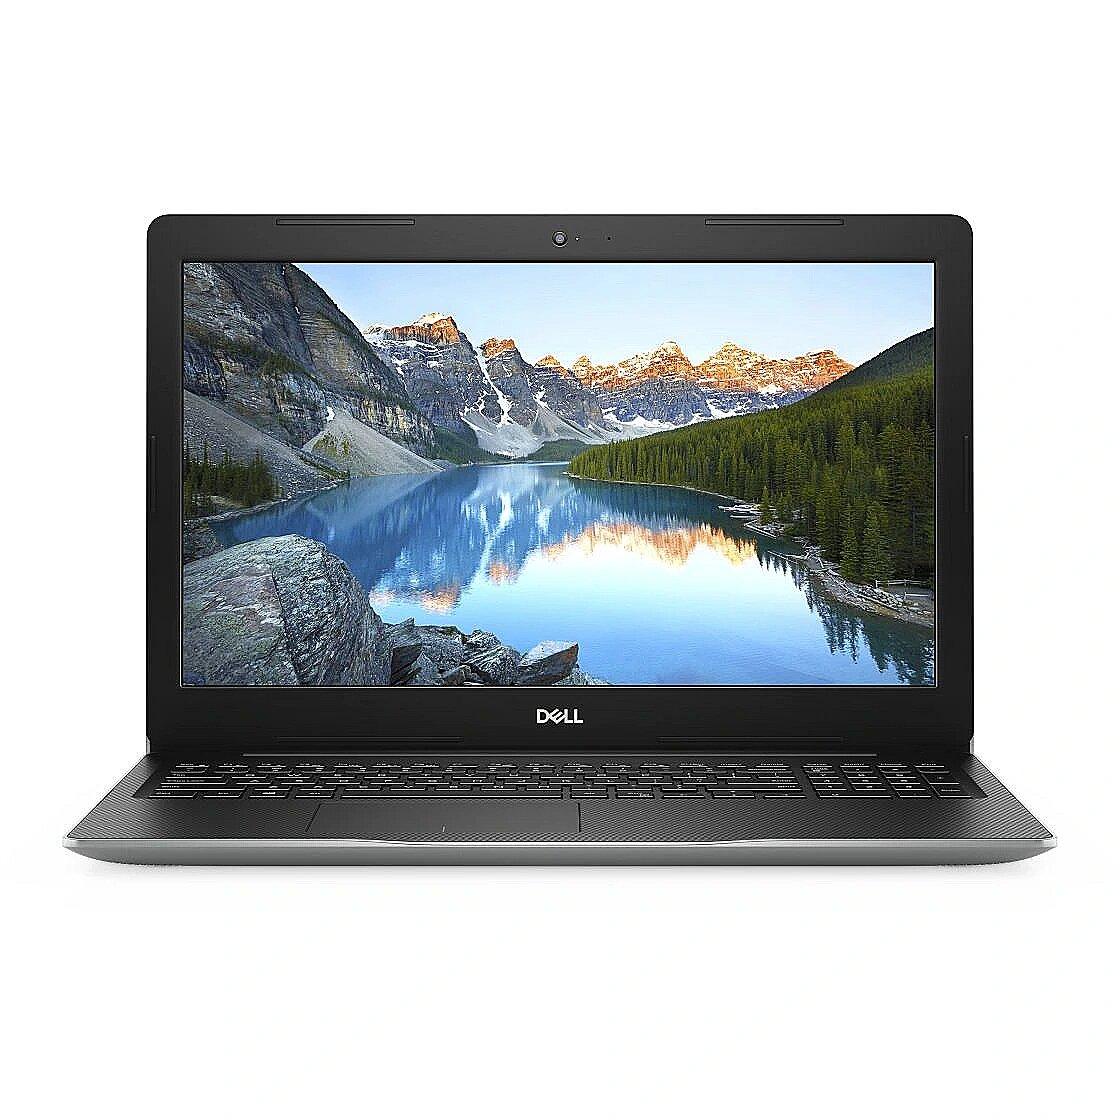 Dell Inspiron 15 (3593) Silver, 15.6